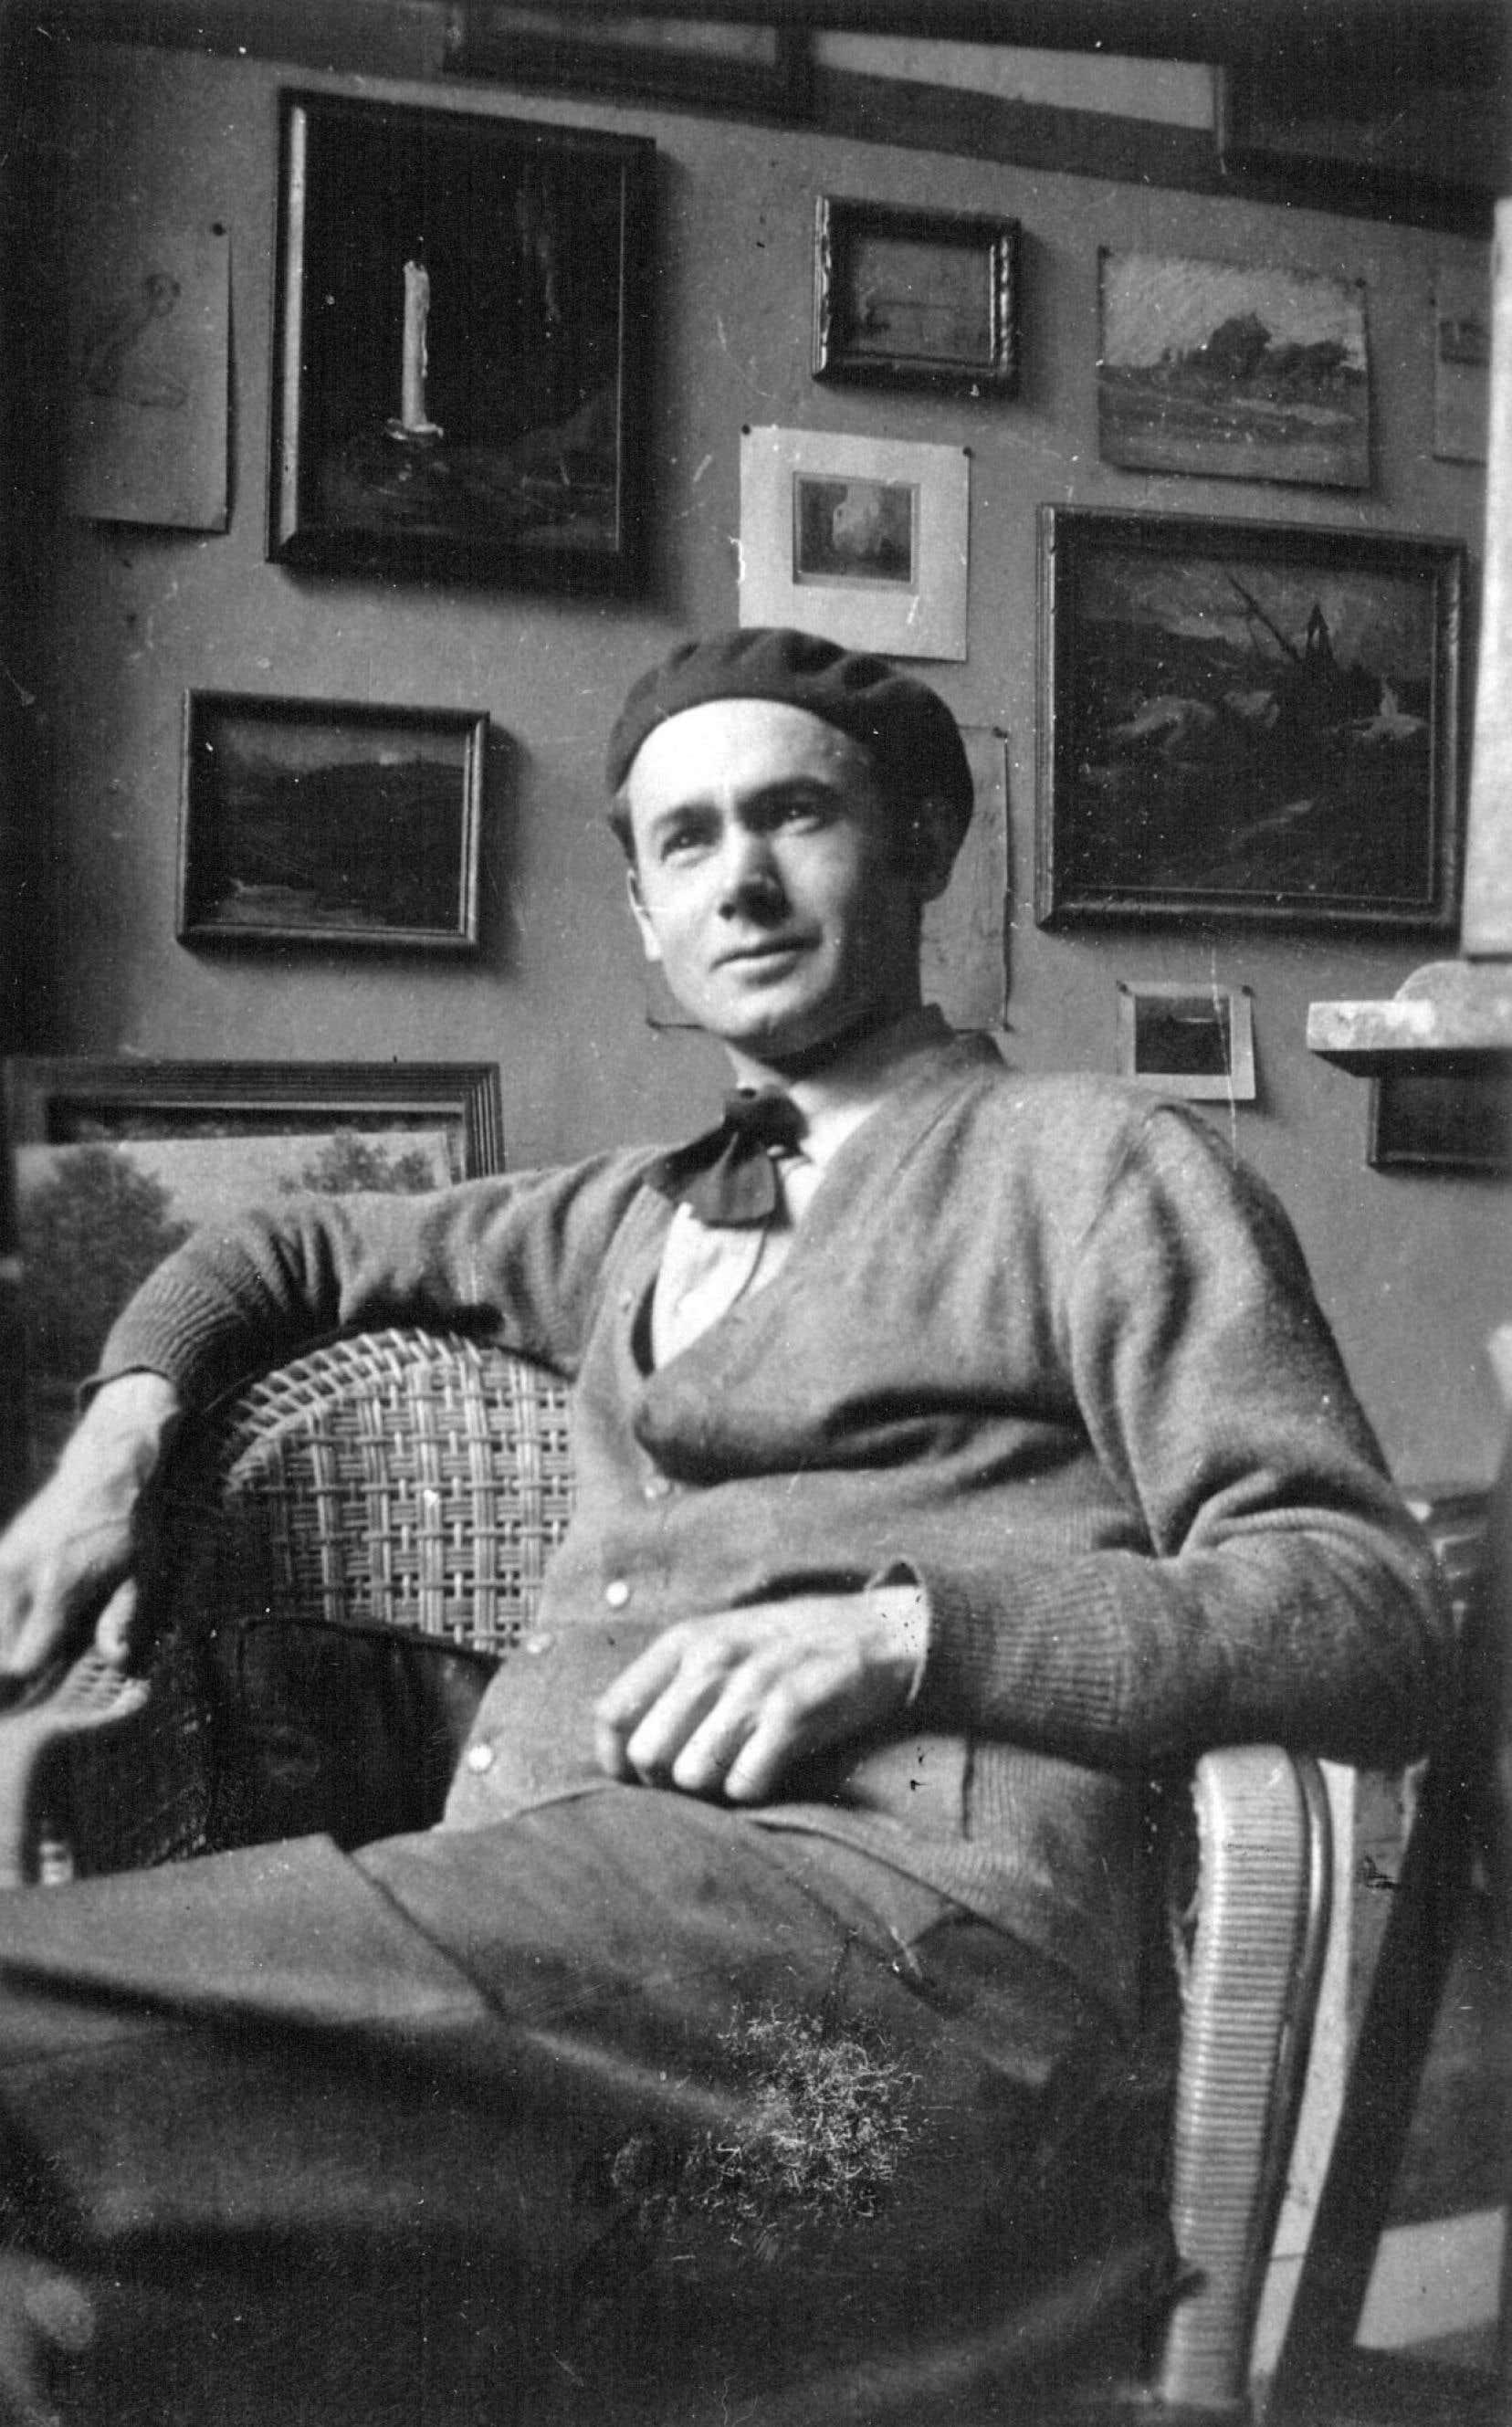 Rodophe Duguay dans son atelier à Paris en 1925.